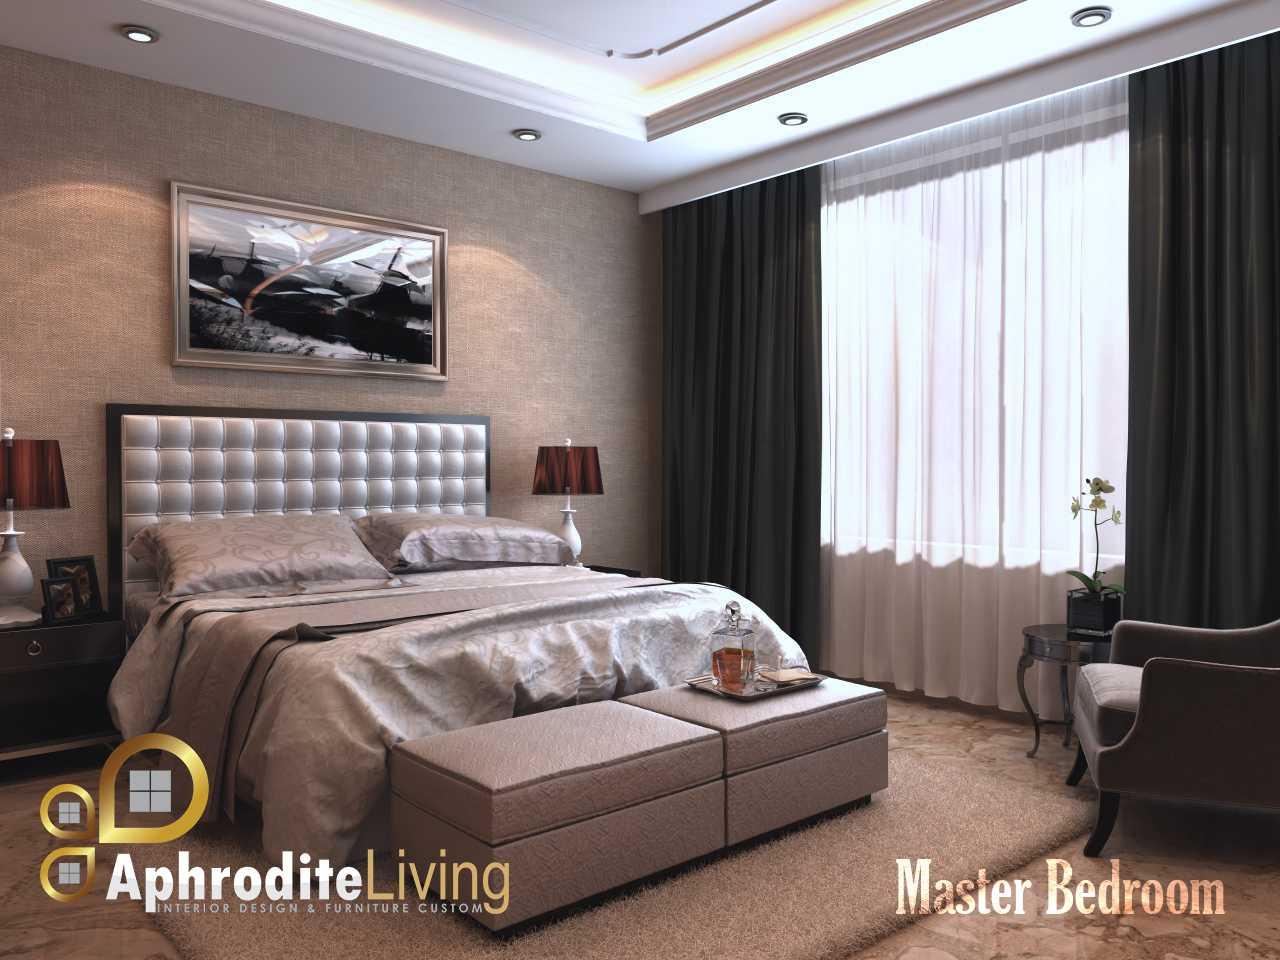 Adhitya Riyaldi Master Bedroom Kembangan, Jakarta, Indonesia Kembangan, Jakarta, Indonesia View 5   28856